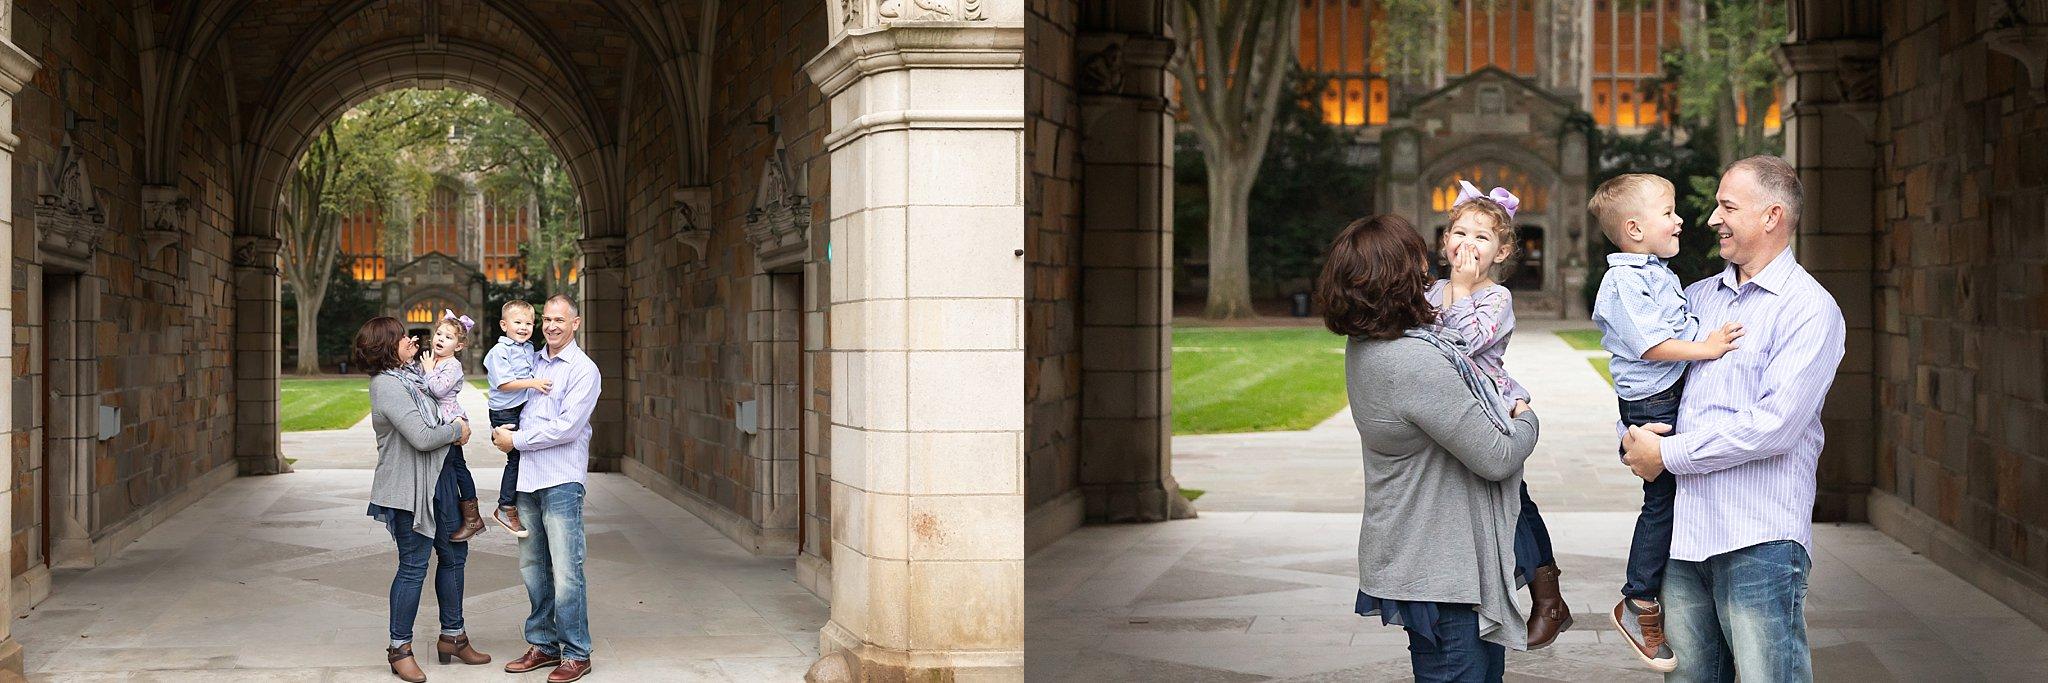 Family Photos at The Law Quad | Ann Arbor Photographer